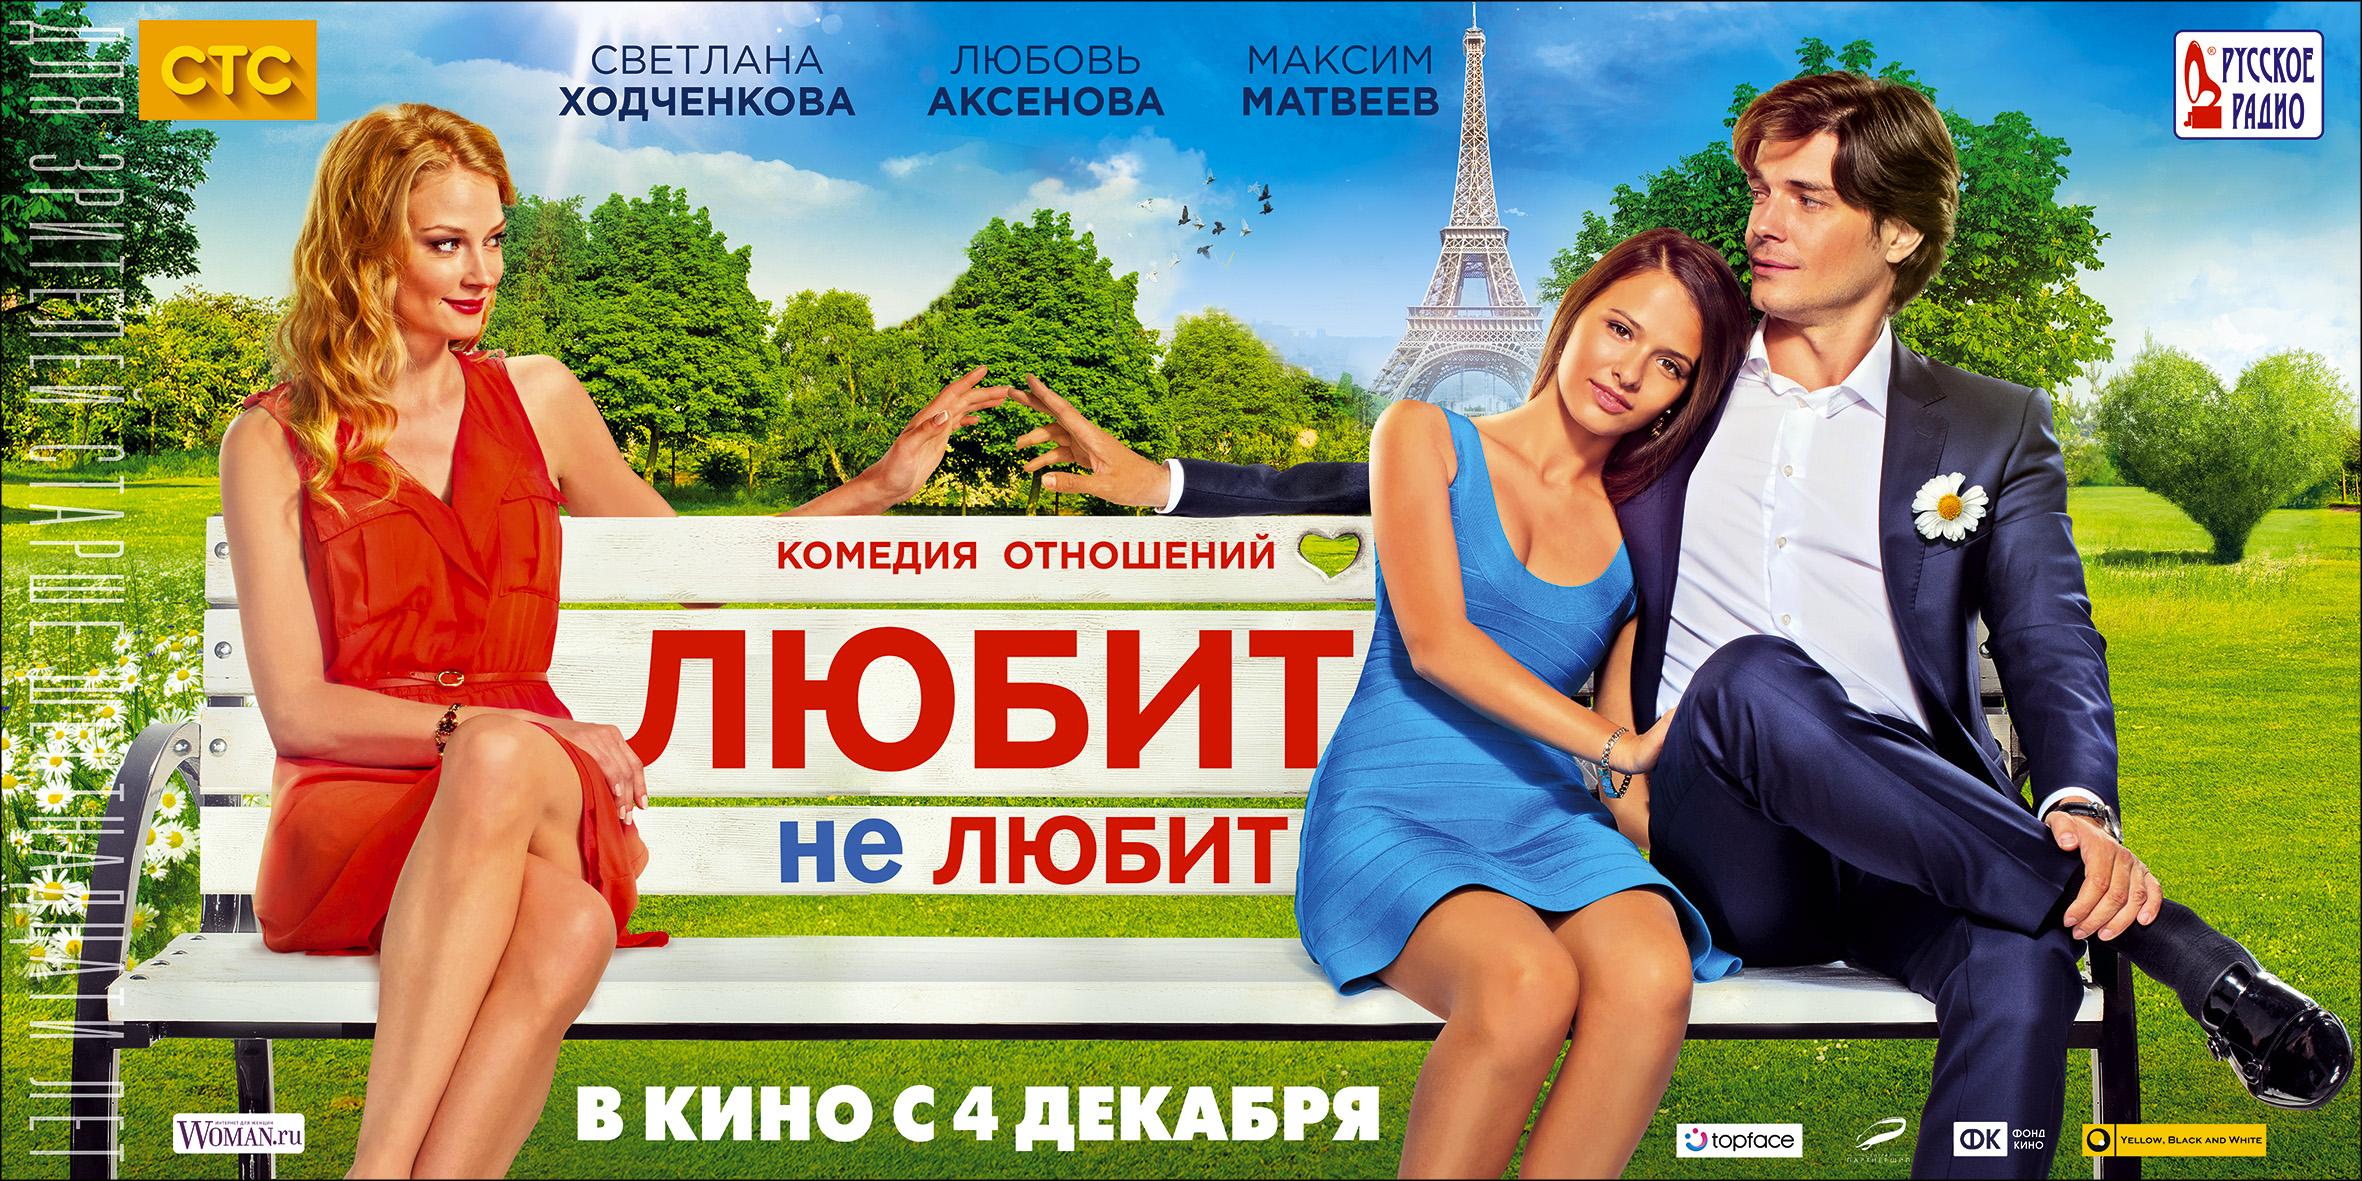 Фильм любовь без обязательств смотреть онлайн фильм в хорошем качестве 720